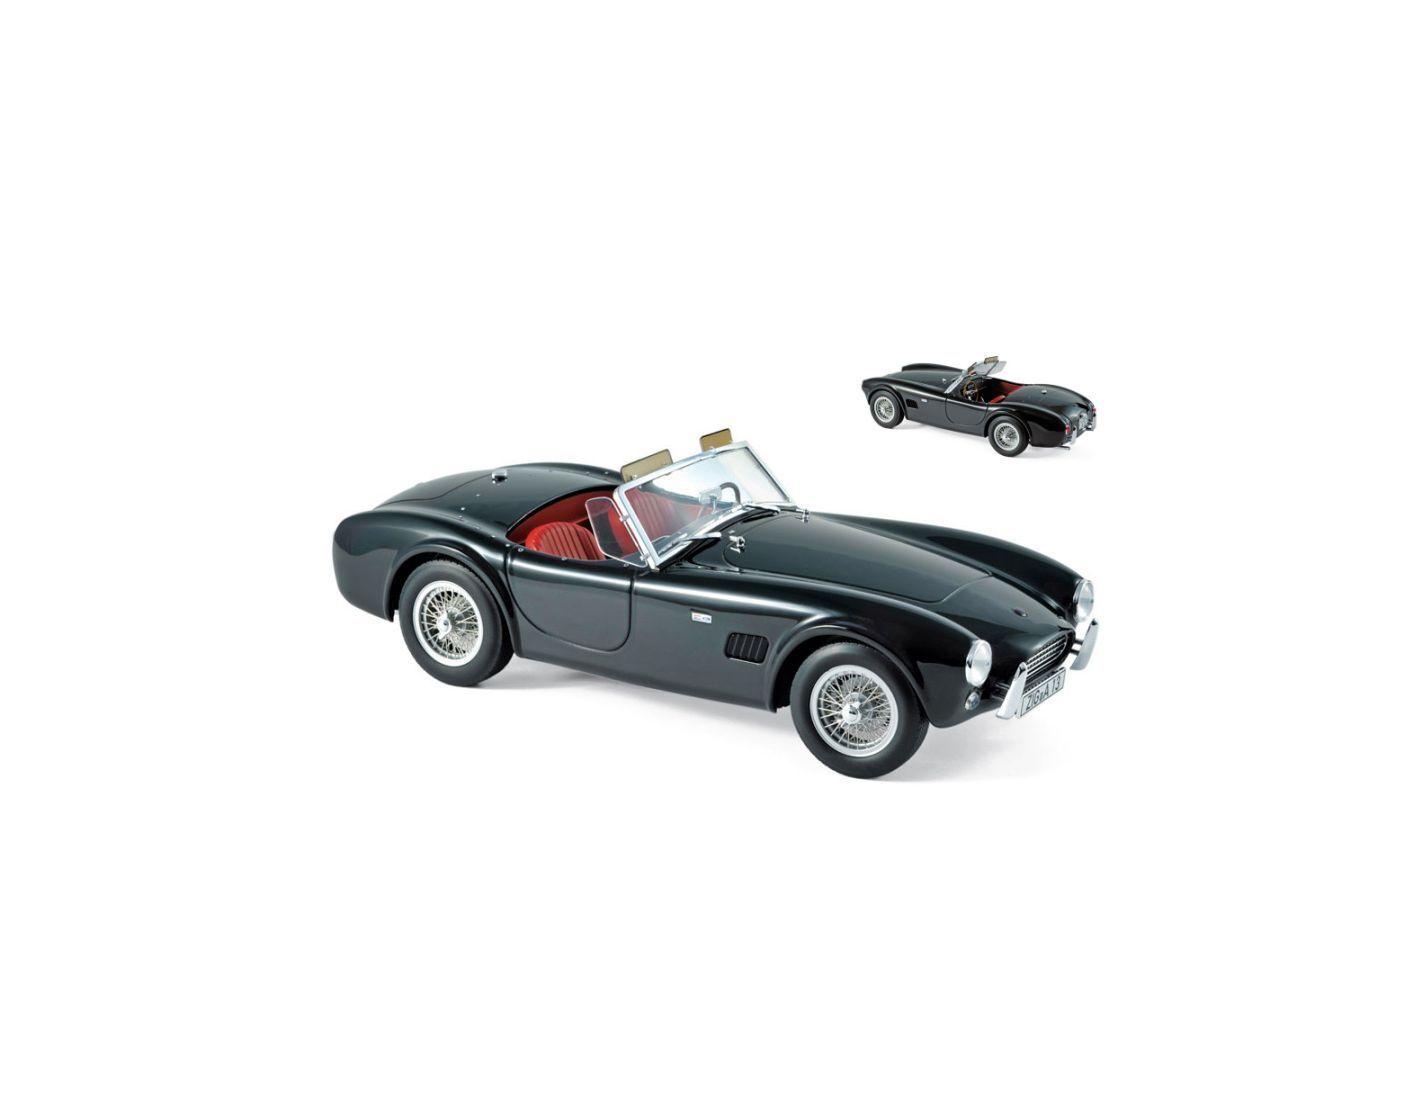 Norev NV182754 AC COBRA 289 1963 nero 1 18 Modellino